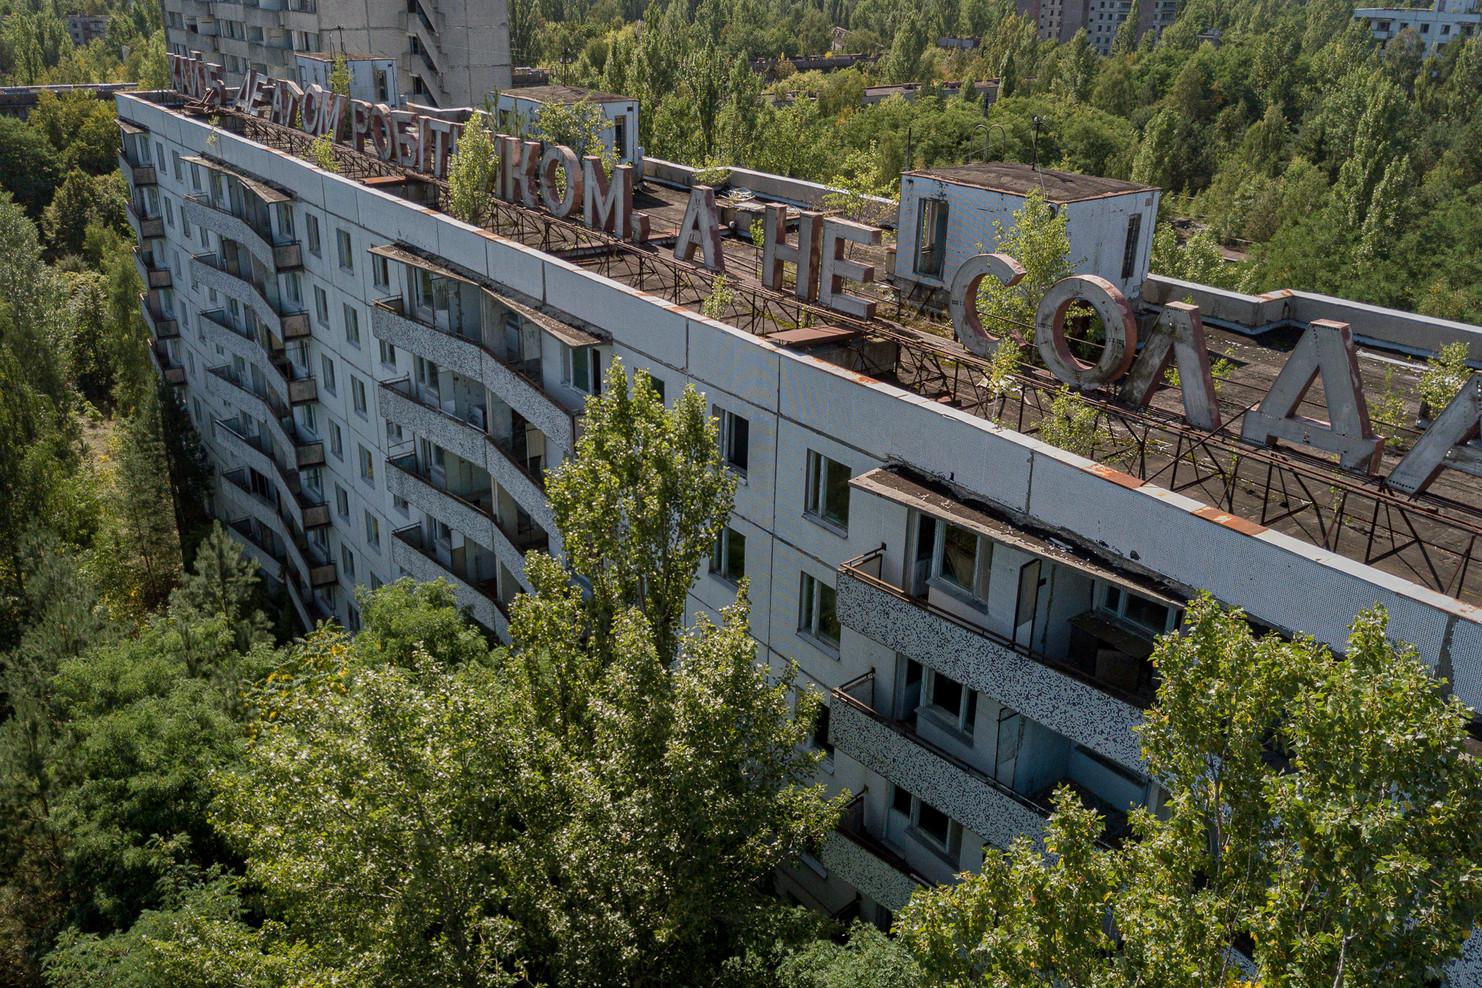 Immeuble repris par la végétation